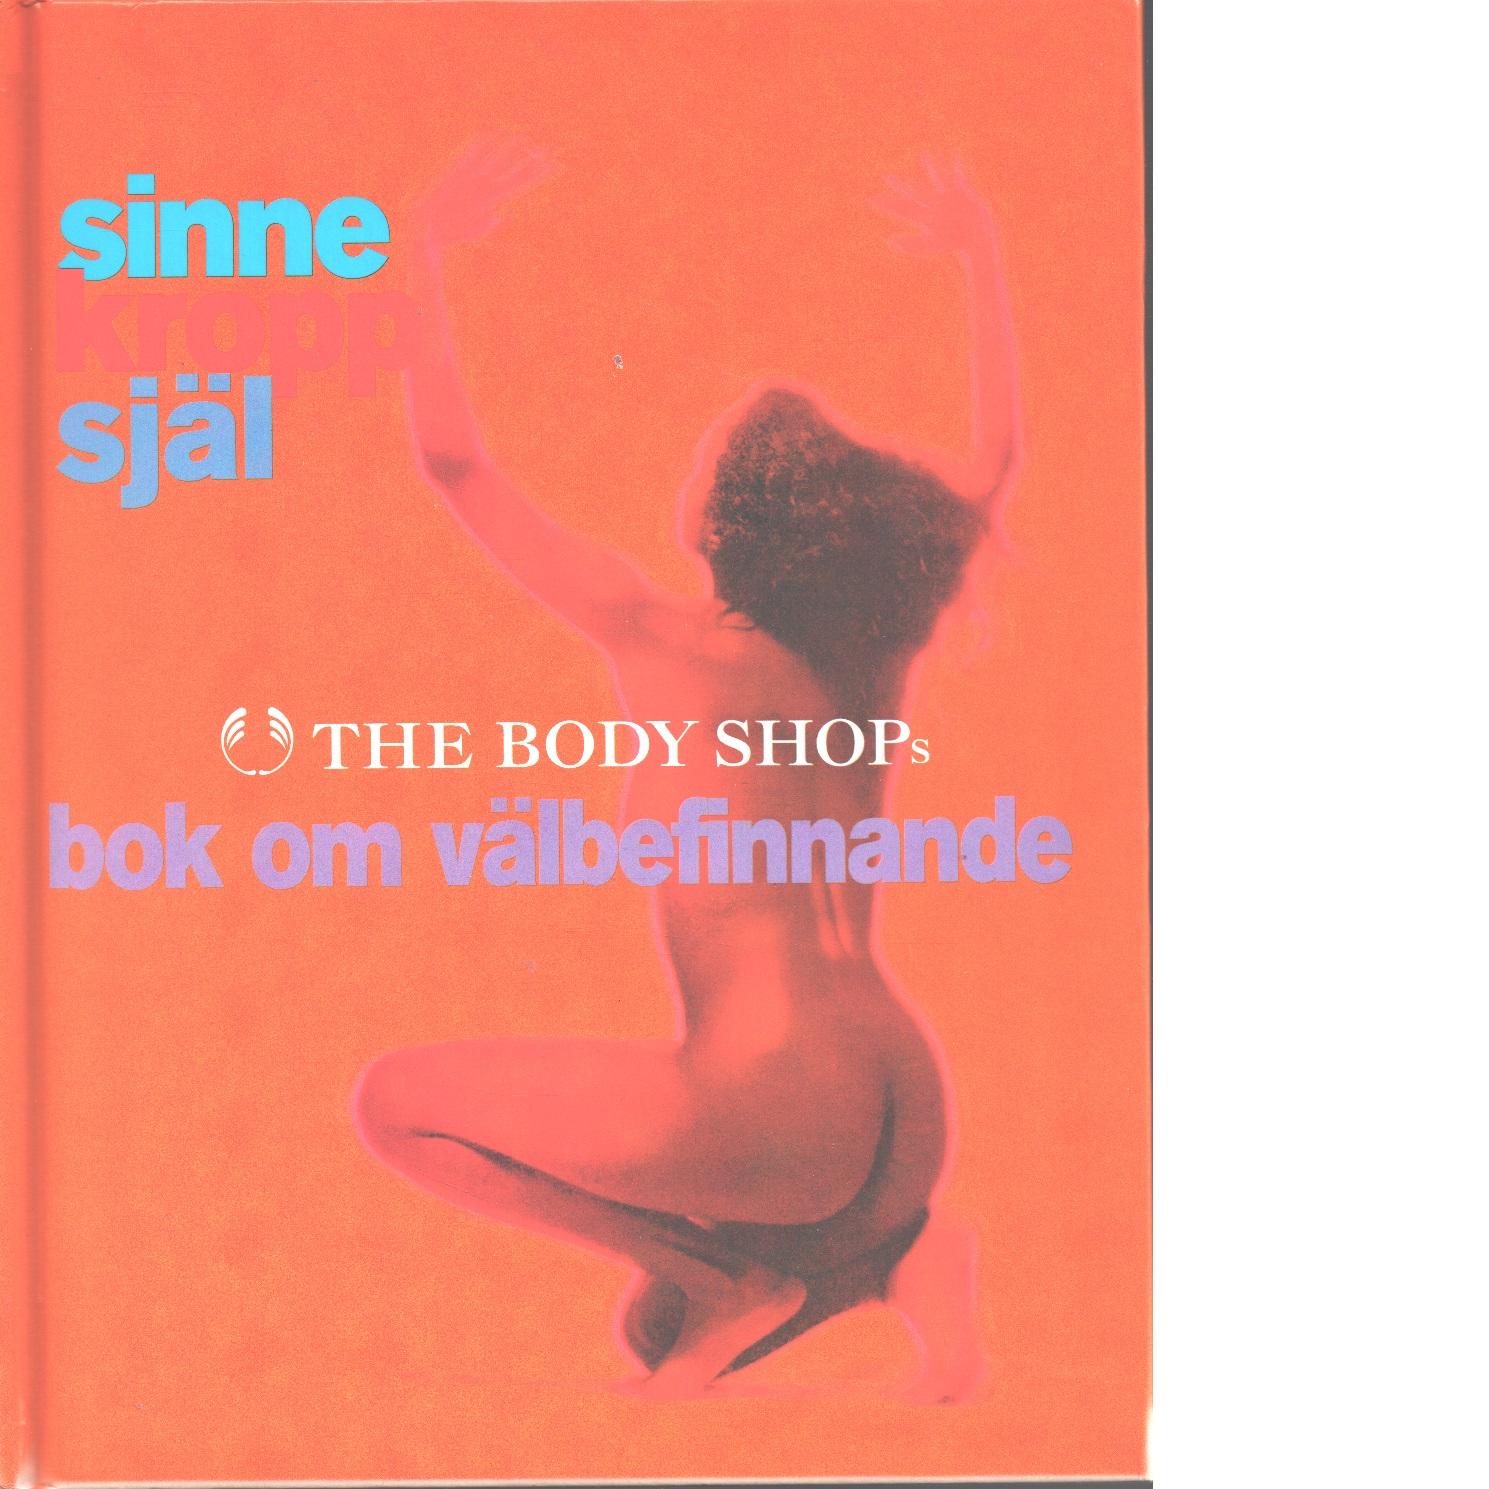 The Body Shops bok om välbefinnande : sinne, kropp, själ - Red.